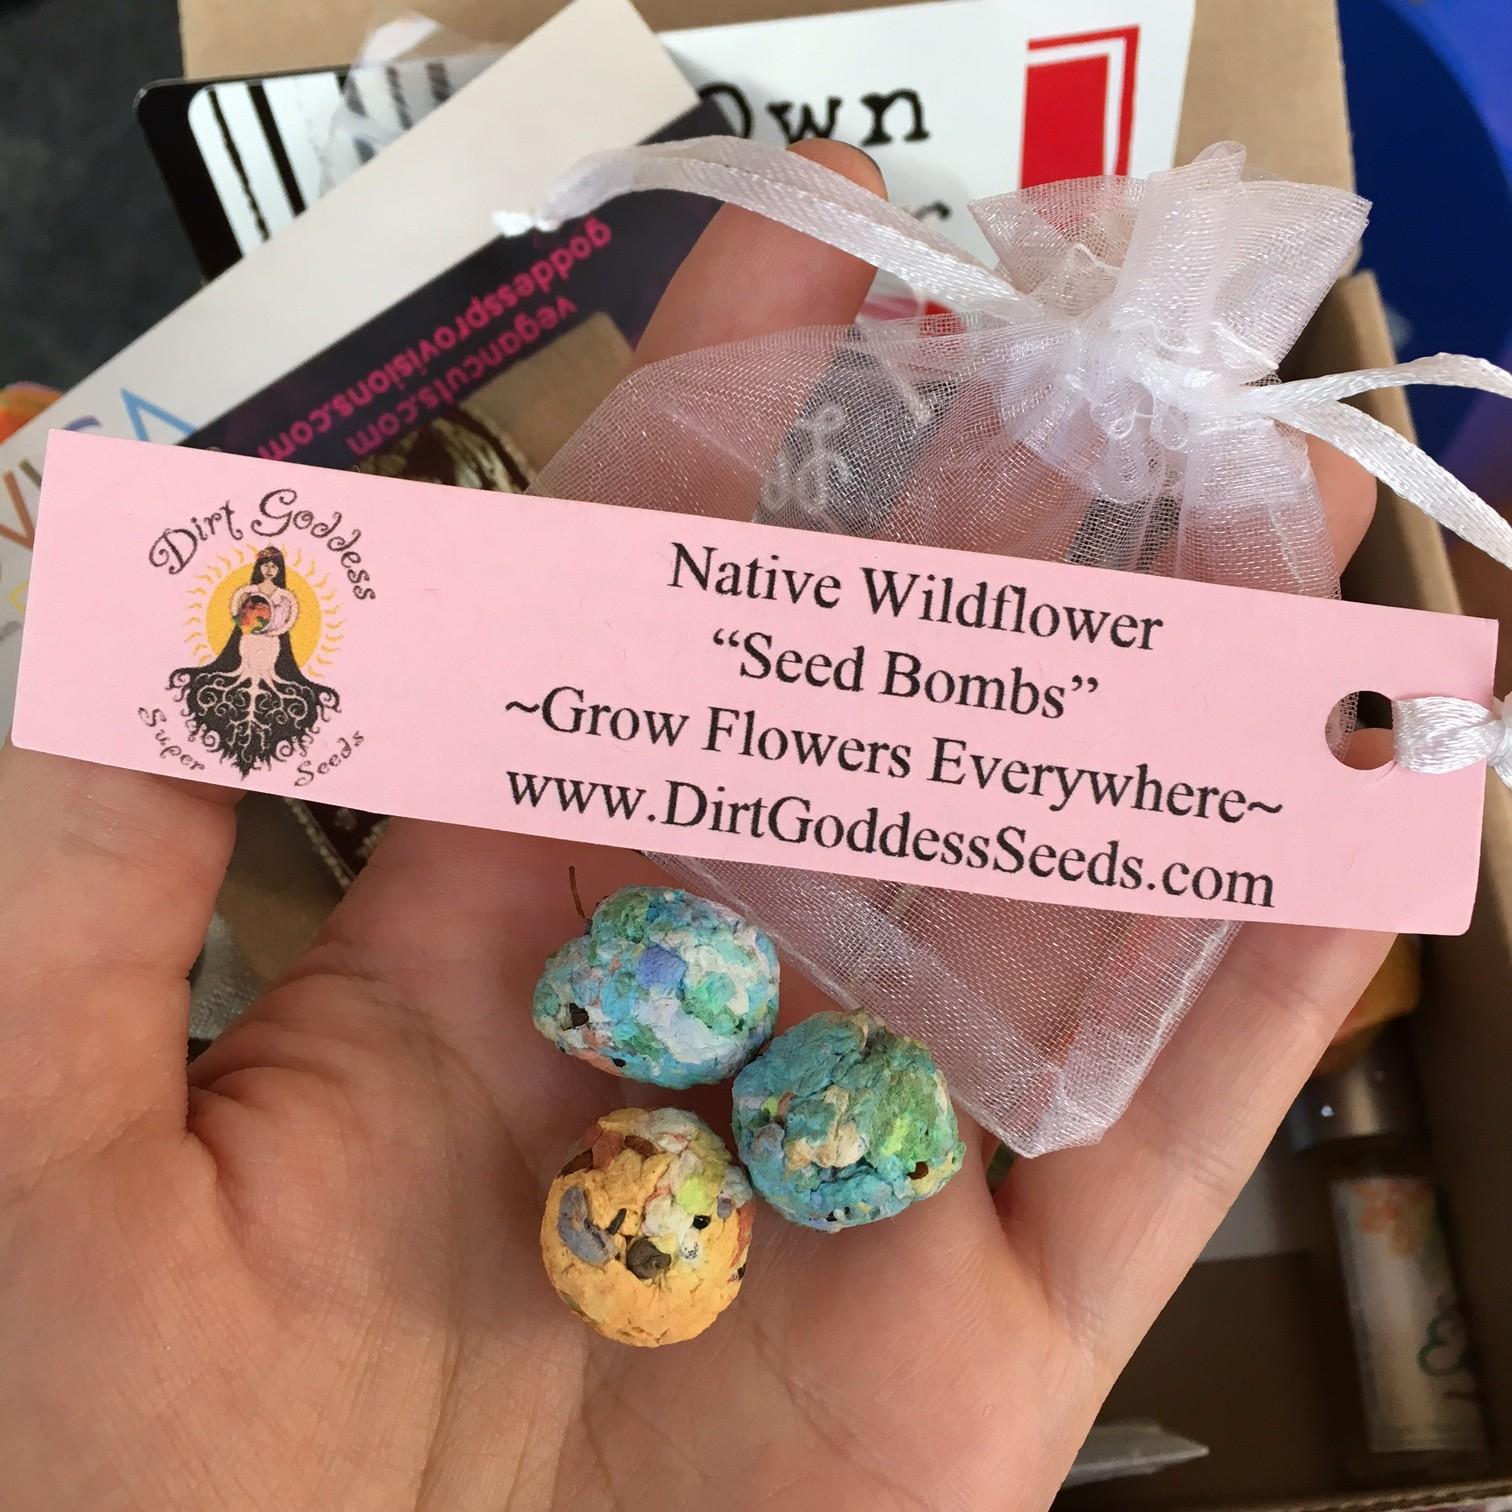 Dirt Goddess Super Seeds Wildflower Seed Bombs